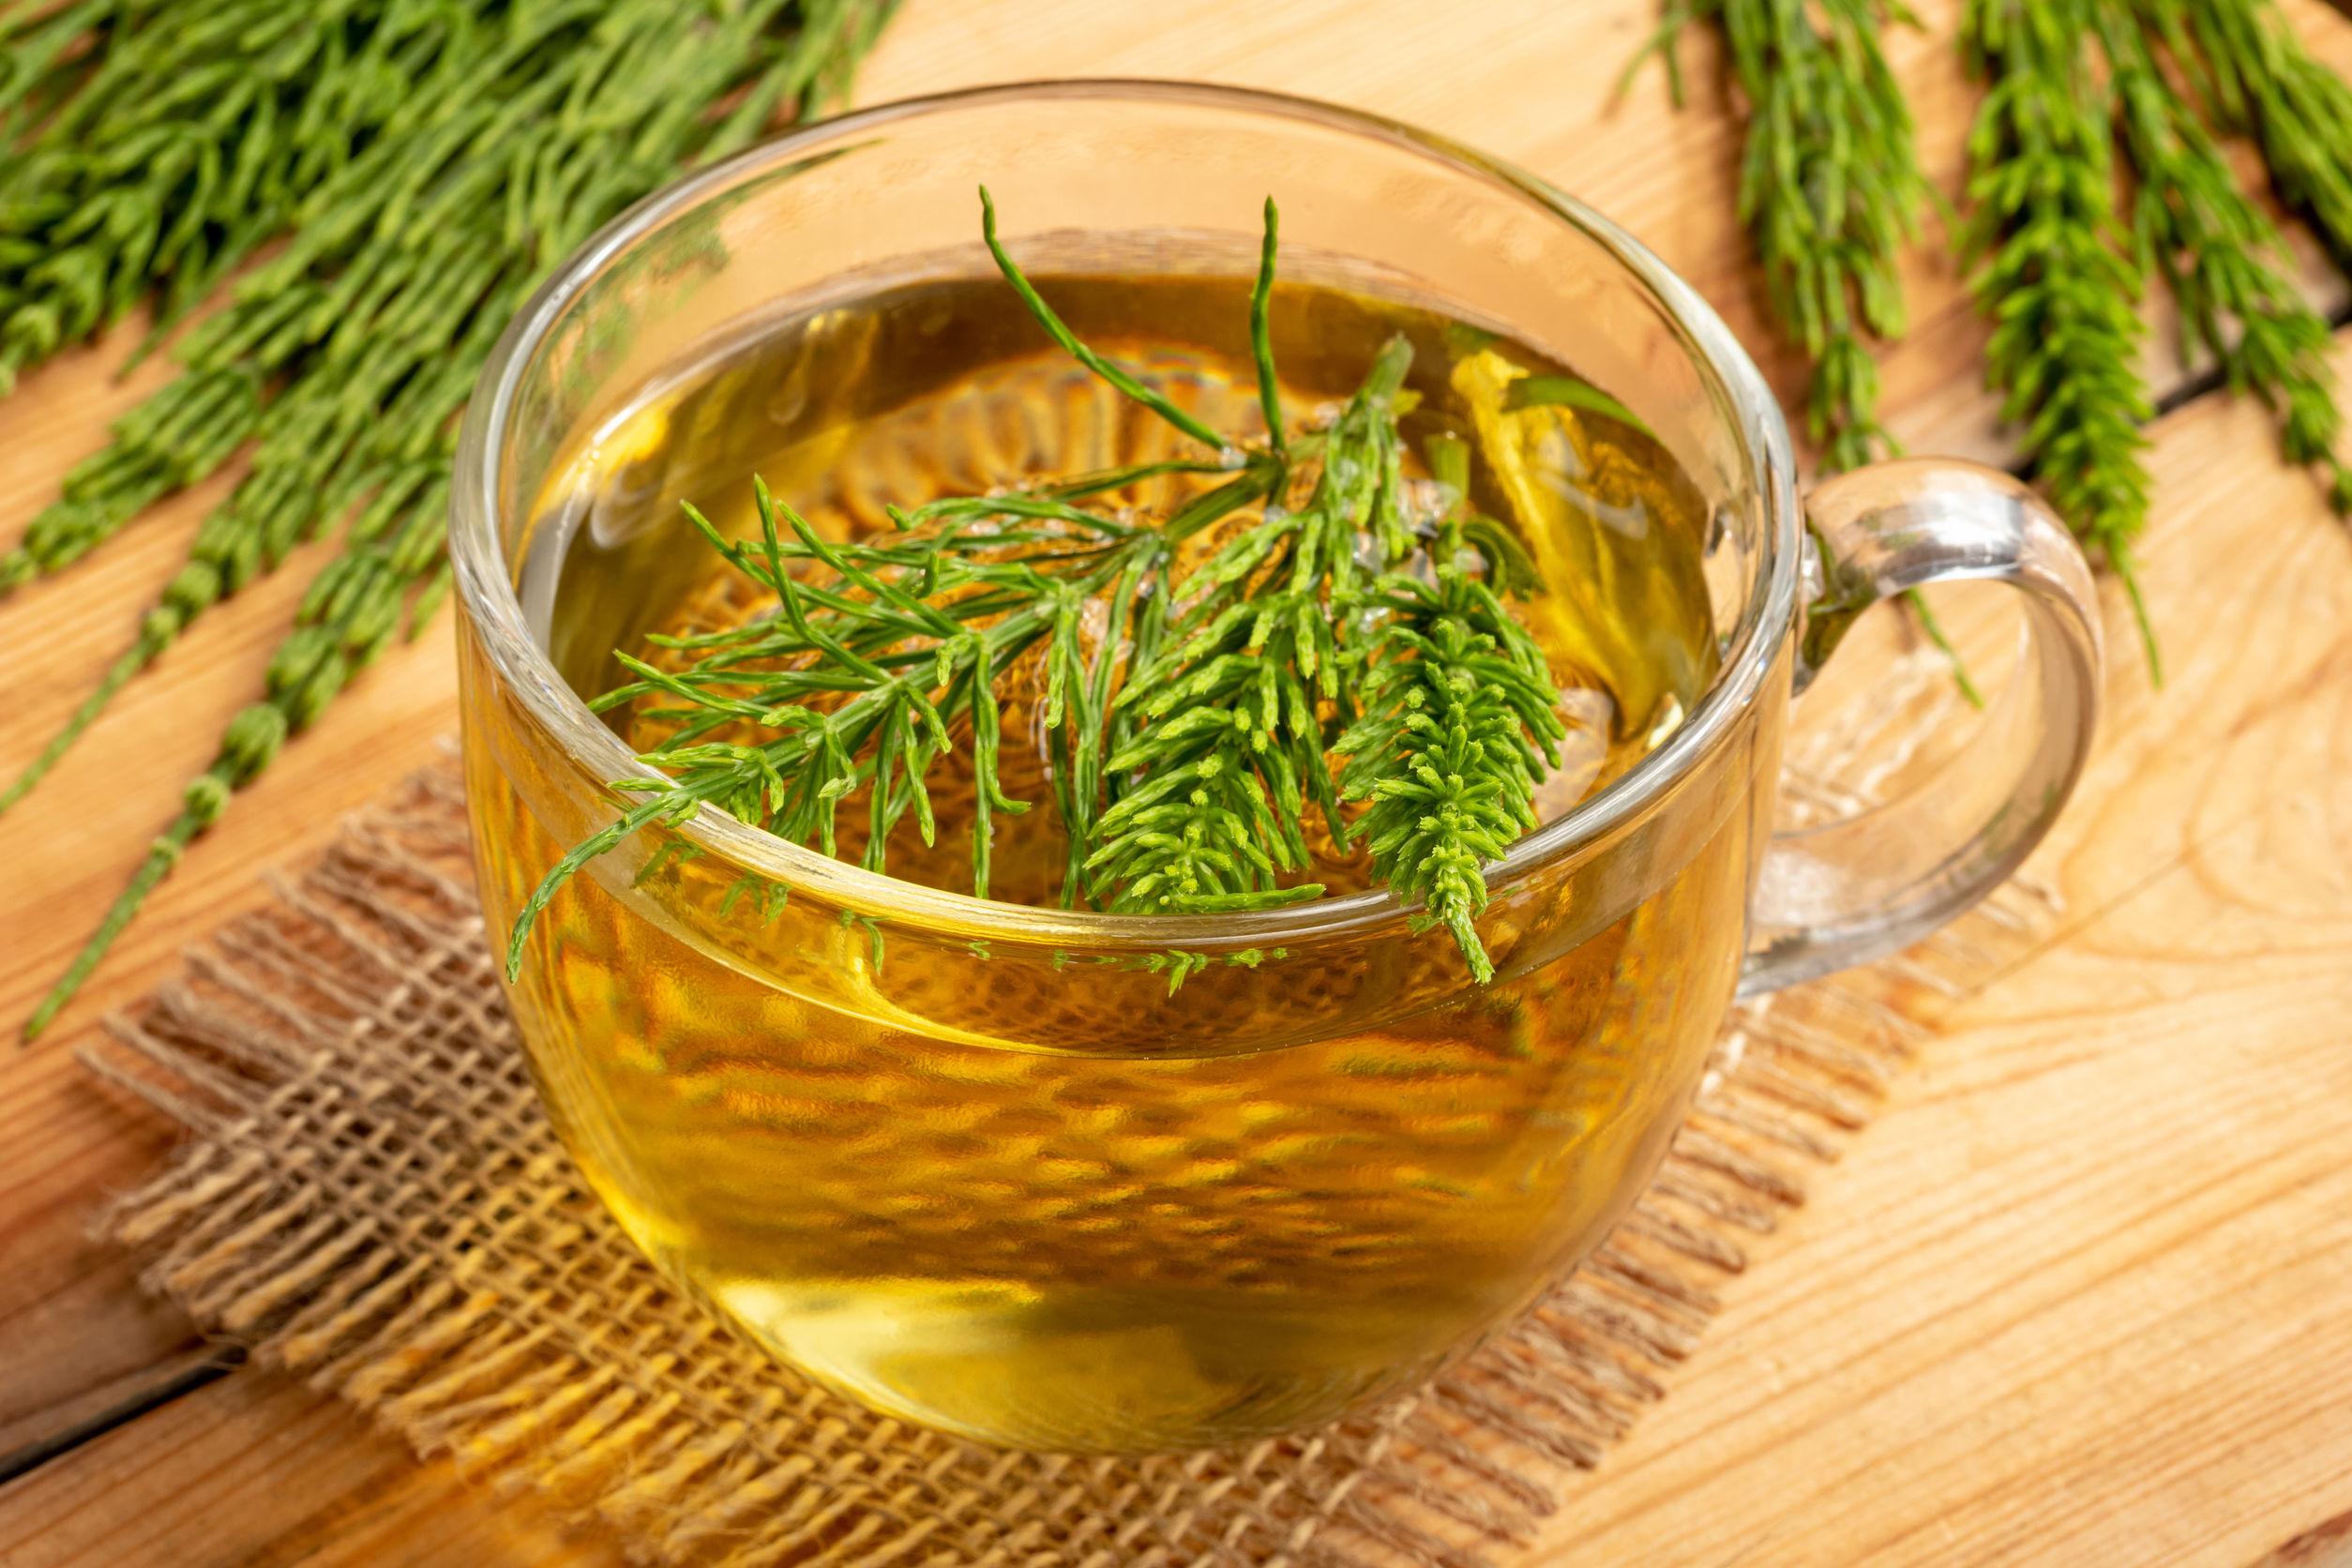 Beneficii uimitoare ale ceaiului de coada-calului